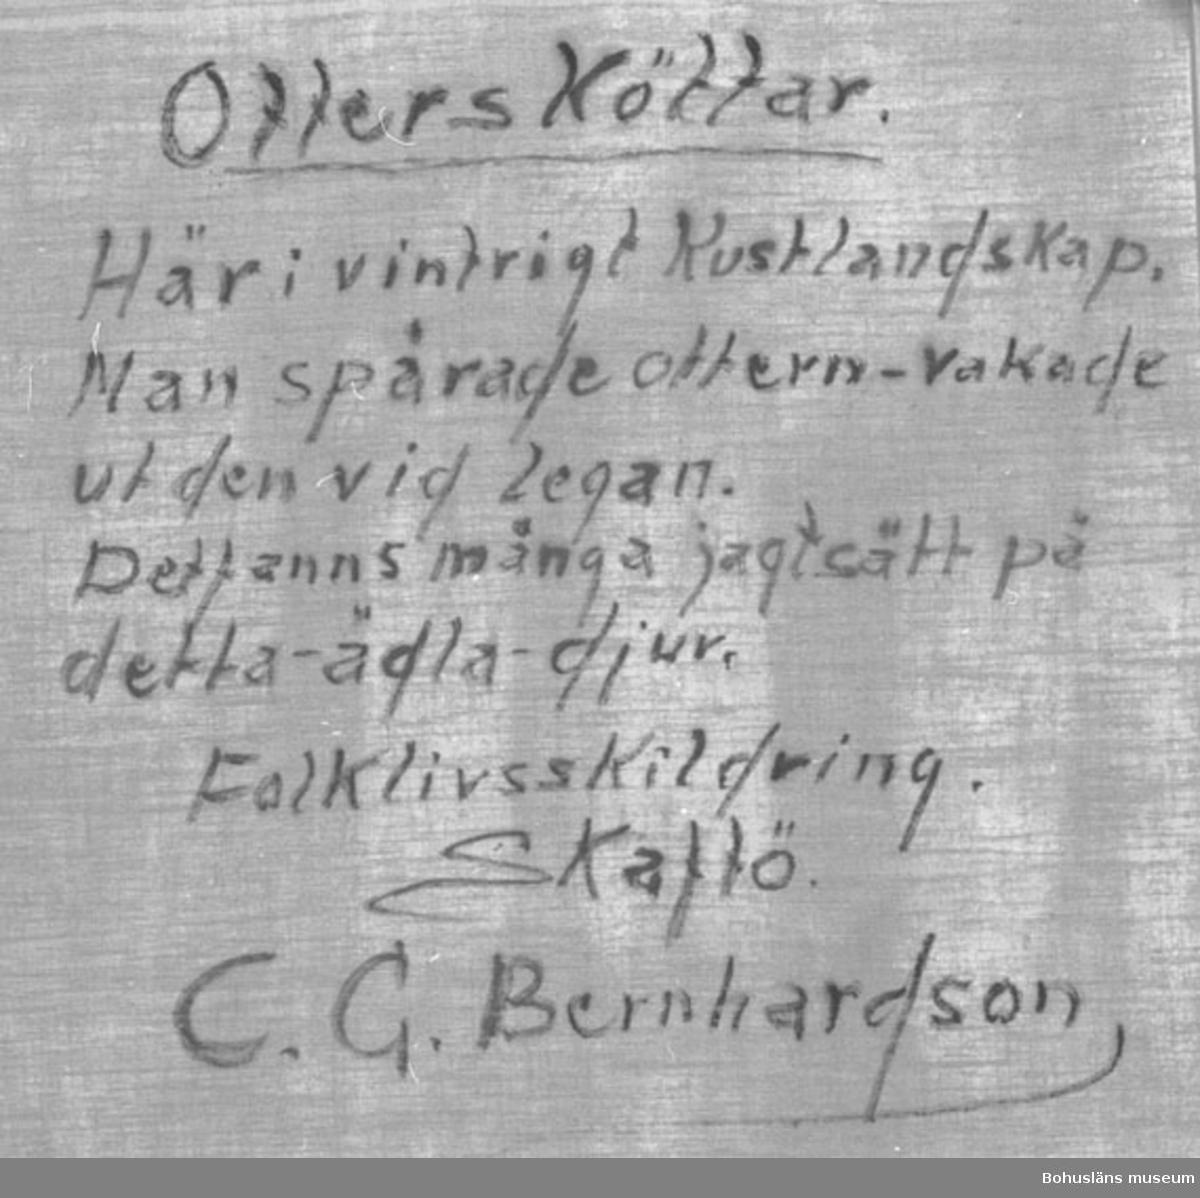 """Baksidestext:  """"Ottersköttar.  Här i vintrigt Kustlandskap. Man spårade ottern - vakade ut den vid legan. Det fanns många jagtsätt på detta - ädla - djur.  Folklivsskildring. Skaftö. C.G. Bernhardson.""""  Ordförklaring: Lega = liggplats, tillfälligt bo.  Litt.: Bernhardson, C.G.: Bohuslänsk sed och folktro, Uddevalla, 1982, s. 140. Titel i boken: """"Ottersköttar. Förr fanns det här på kusten tre fyra utterjägare, som året runt jagade utter. Som binäring höll man vanligtvis ett litet jordbruk, som födde en ko, annars  var det jakt och fiske som stod för merparten av upphället. För utterjakt var marken den tiden obegränsad, hela kustbandet stod till förfogande. Som transportmedel användem man sig av däcksbåtar (små jakter). Dessa båtar voro inredda med plekt, styrbrunn och rum för utrustning. I plekta fanns utrymme för ett par kojplatser och någonting att värma lite mat på. Som proviant medförde man bröd, smôlt och potäter. Övrigt fick man under färden - fisk, kött etc. Varje jakttur kunde dra utr flera veckor och ofta passerades landgränser. Uttern sköts vid grytutgången. Det fanns måmga hemliga sätt att ta ut uttern, inga glömda och inga nämnda, man var noga med sådant den tiden. Tidsbild 1890-talet.""""  Ordförklaring: Plikt =  mindre däck el. toft vid förstäv eller akterstäv på en öppen båt avsett som förvarings- eller sovplats, ibland med en lucka för ingången, skans, sjöterm.  Övrig historik; se CGB001."""